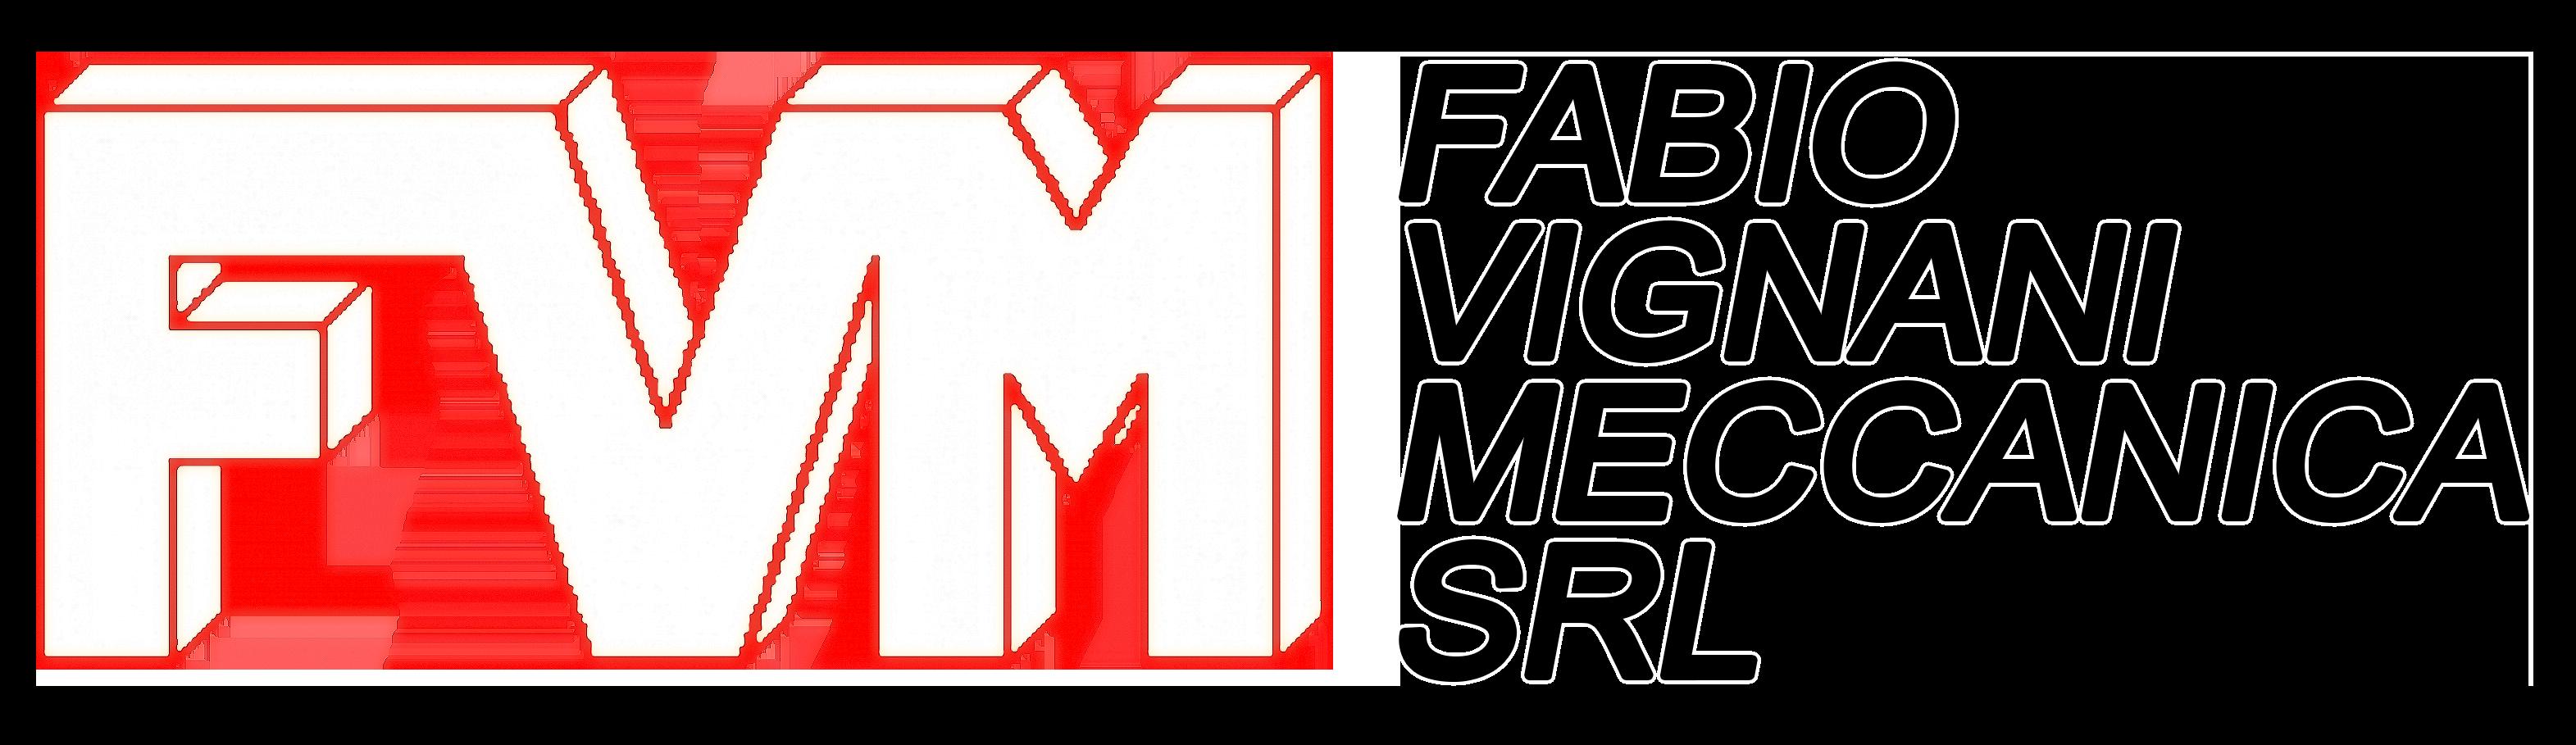 FVMeccanica